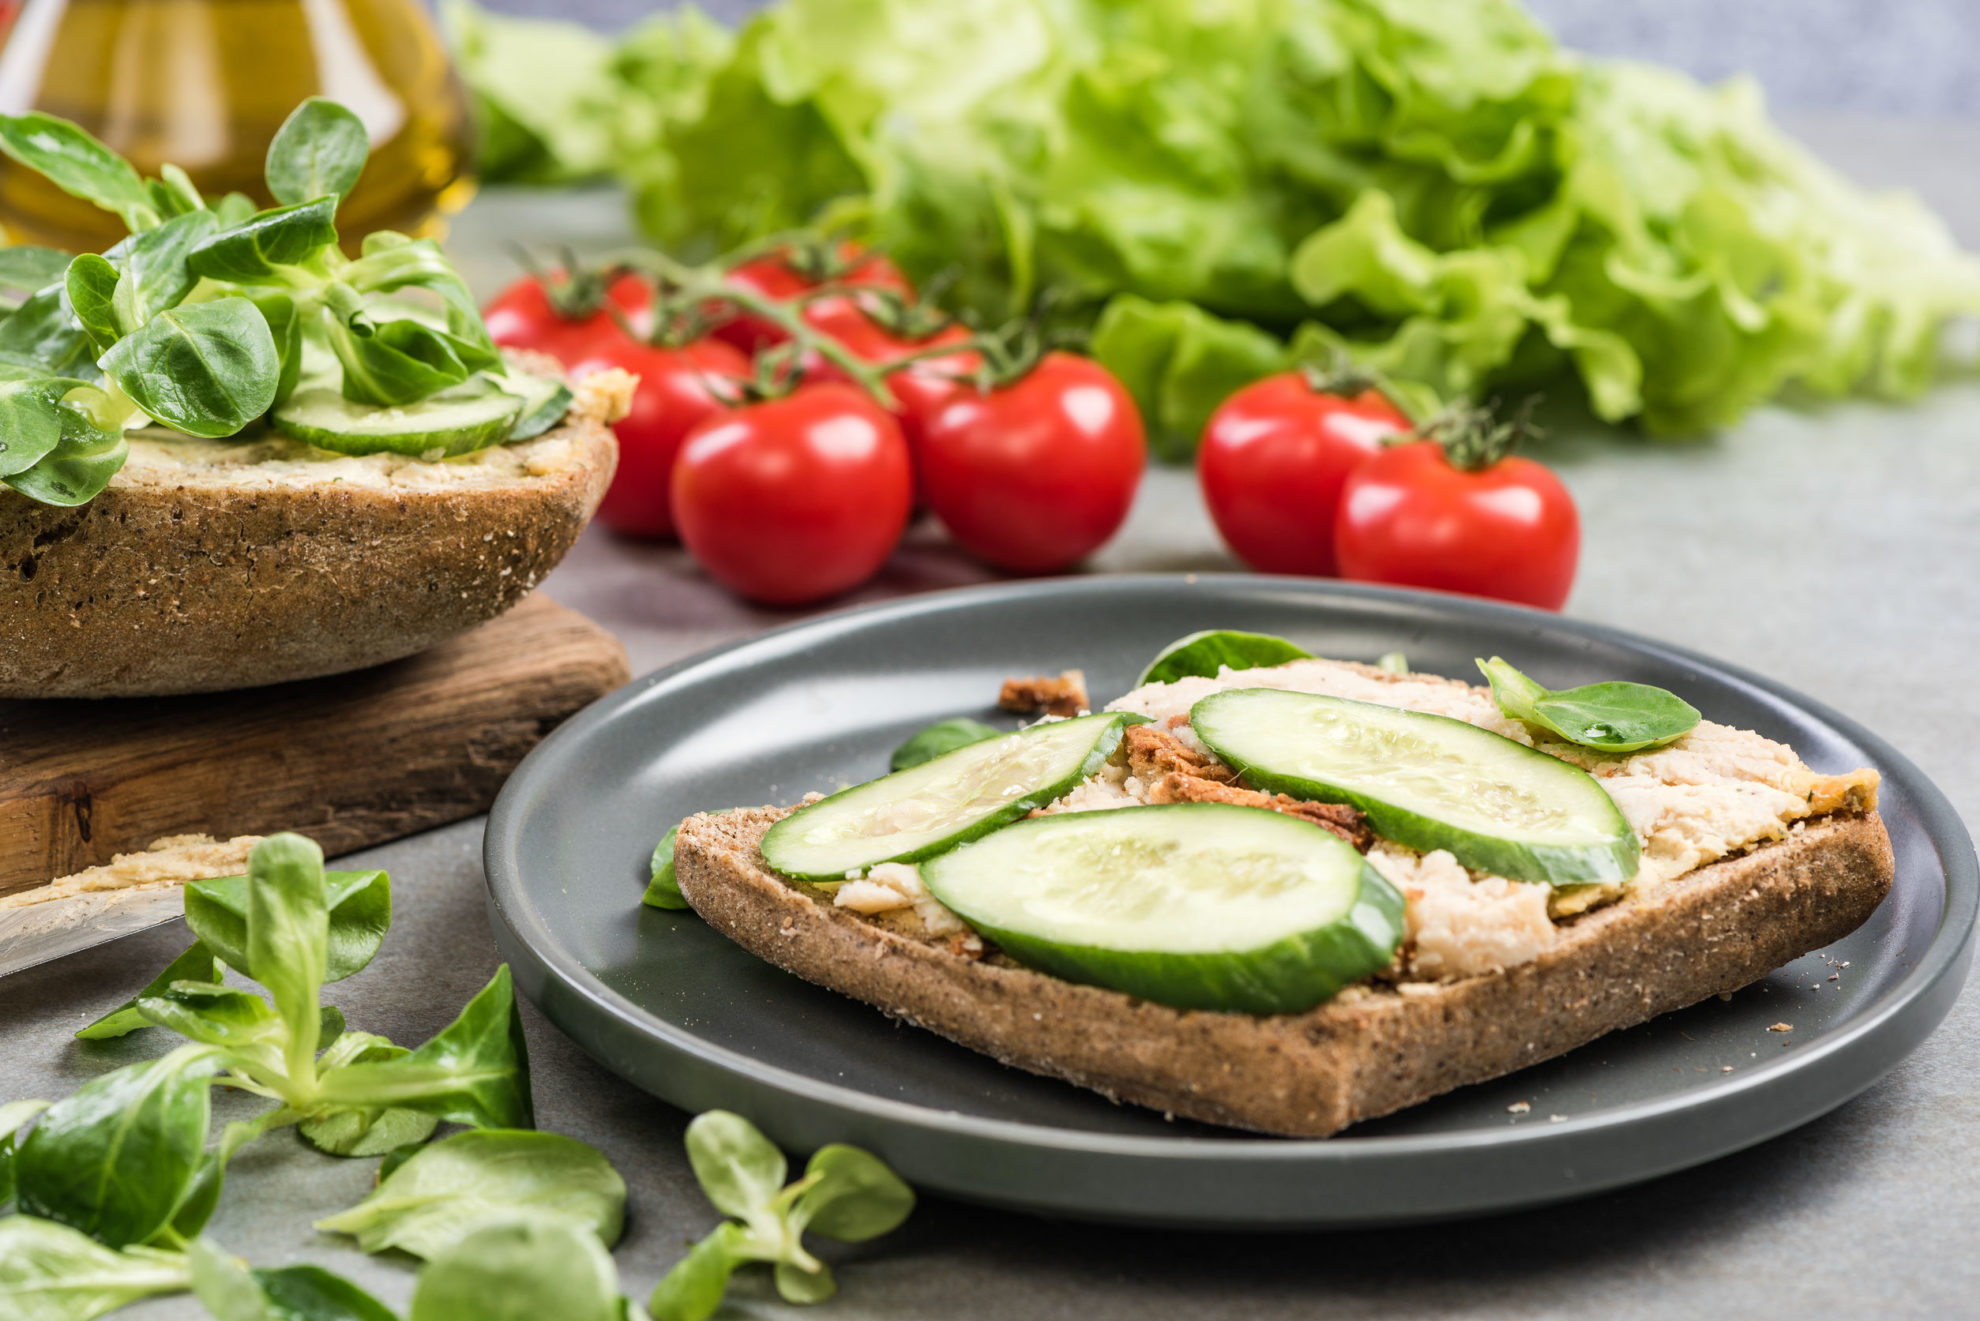 Przepis na pasztet warzywny: dietetyczny, zdrowy